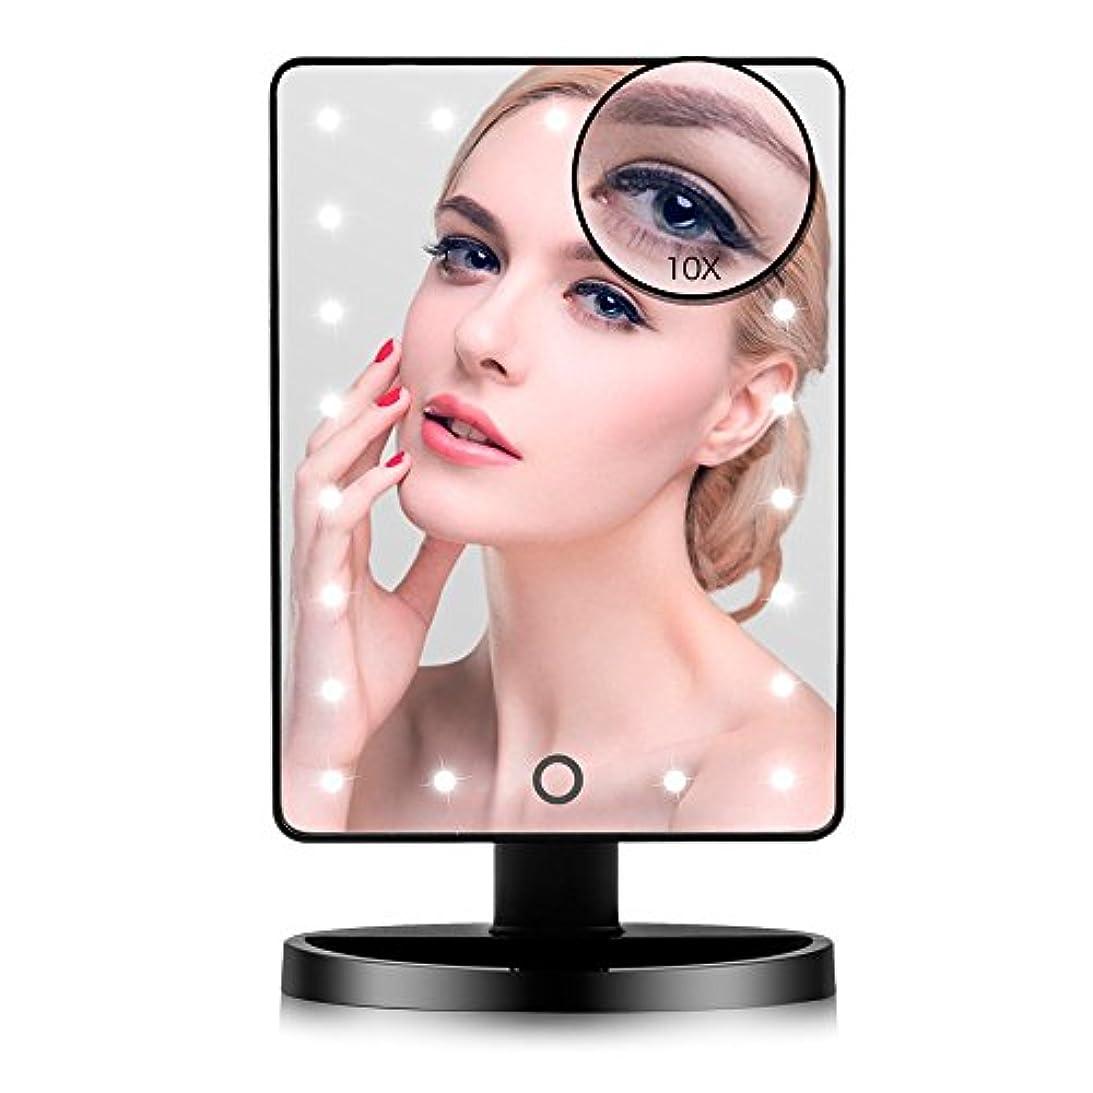 味アジャ到着する化粧鏡 卓上鏡 化粧ミラー 鏡 女優ミラー 卓上 21 led 拡大鏡 10倍 明るさ調節可能 180°回転 電池給電(Black)